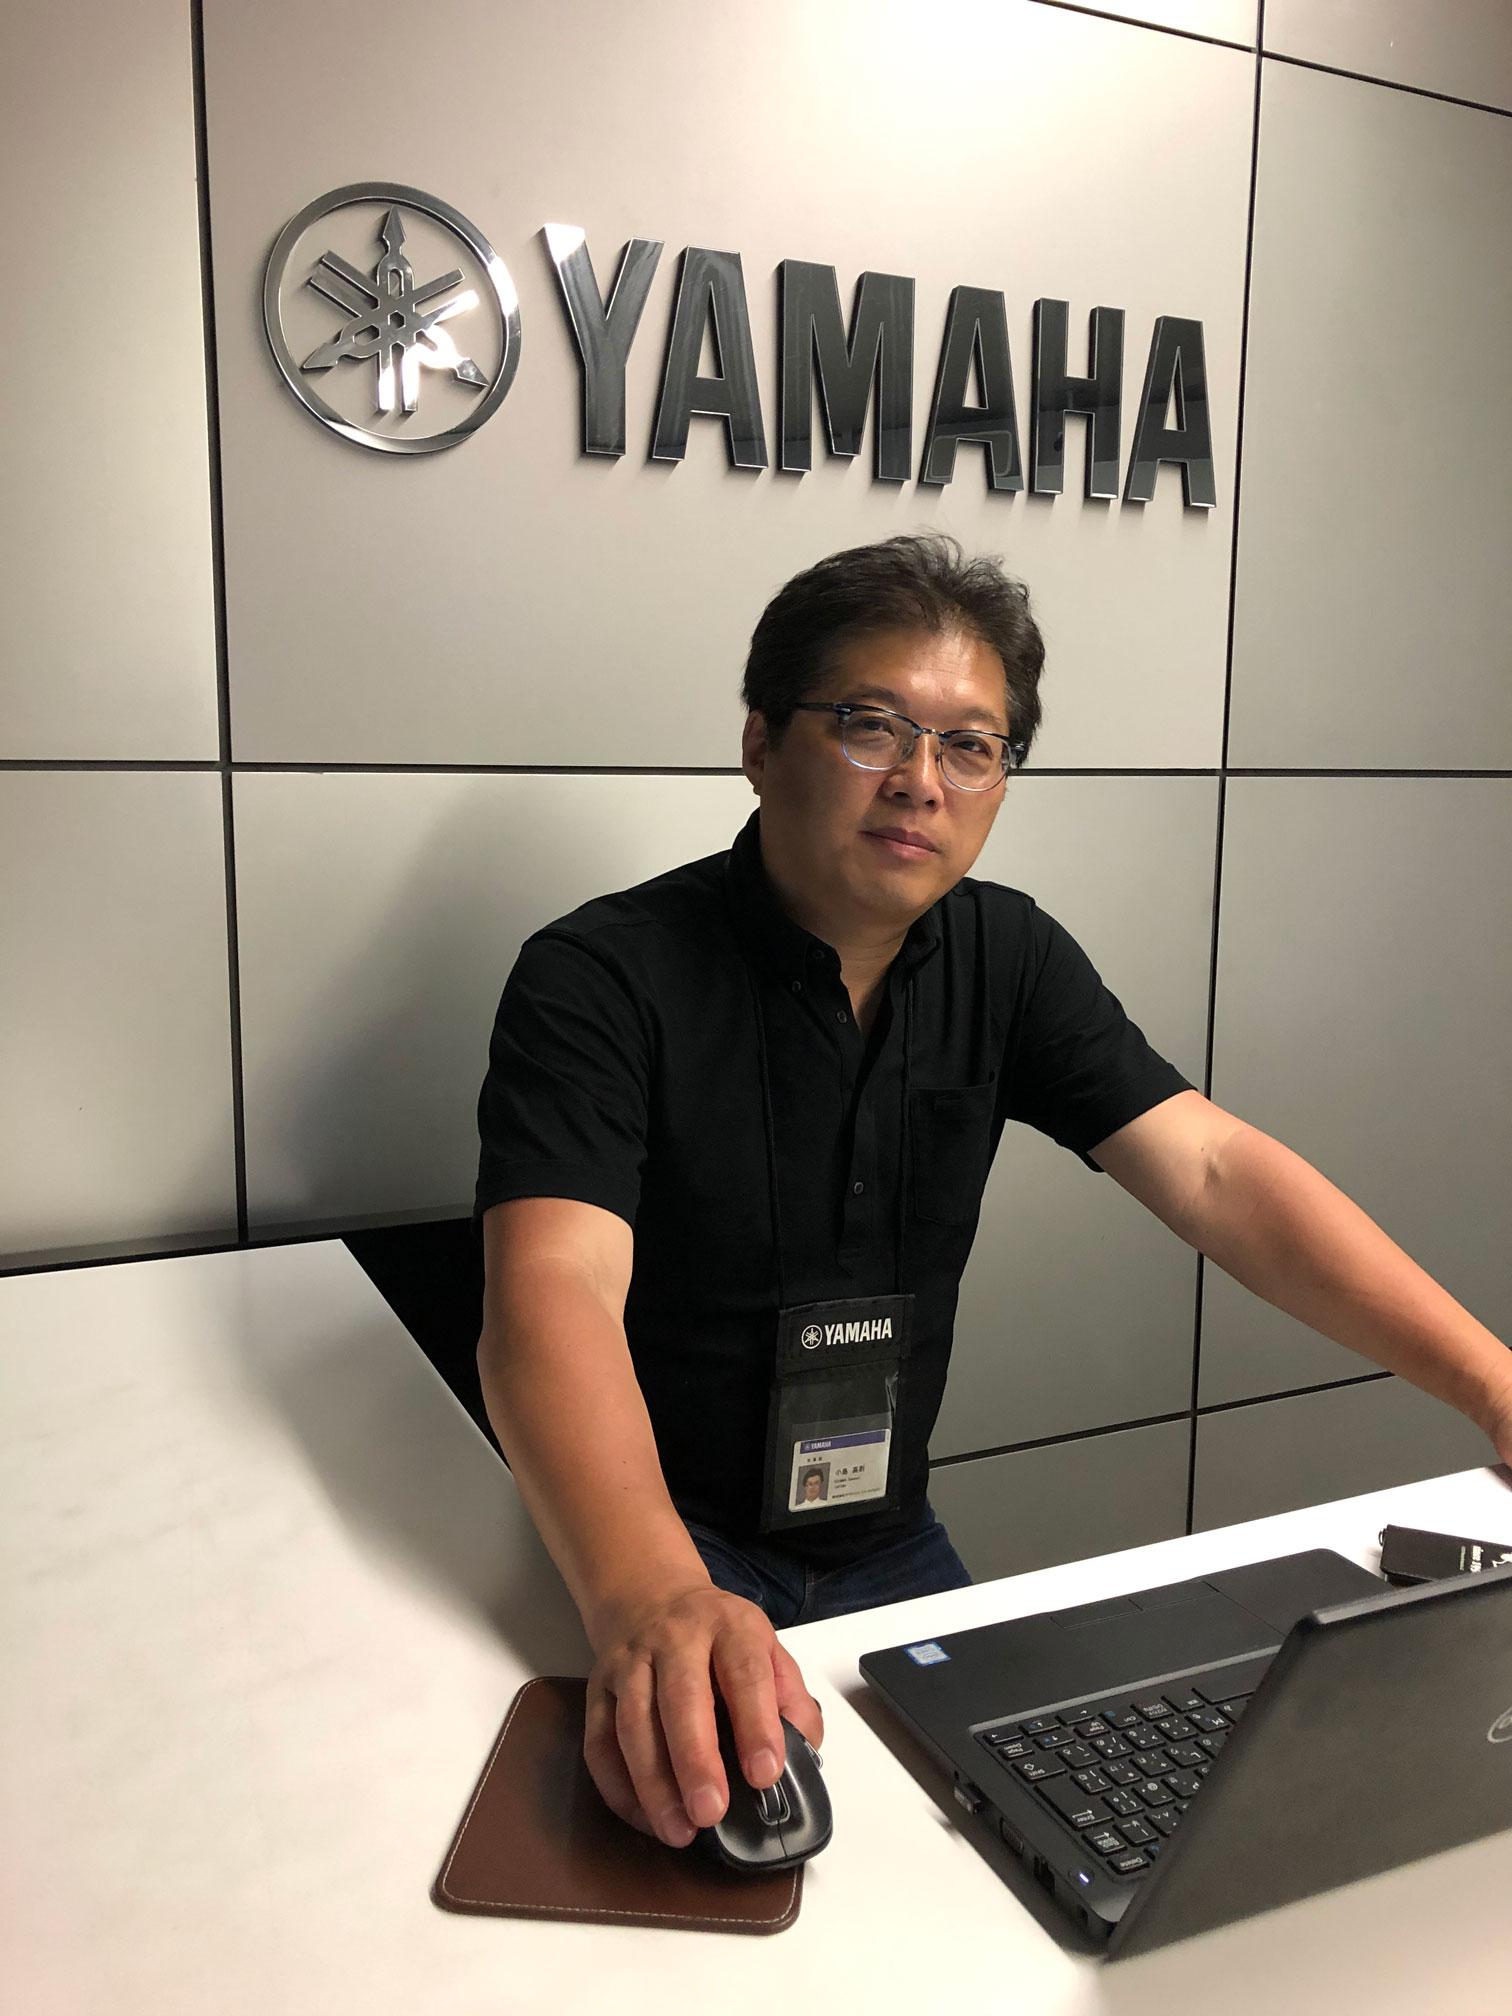 LM営業部 部長 兼 ARTマネジャー 小島高則氏